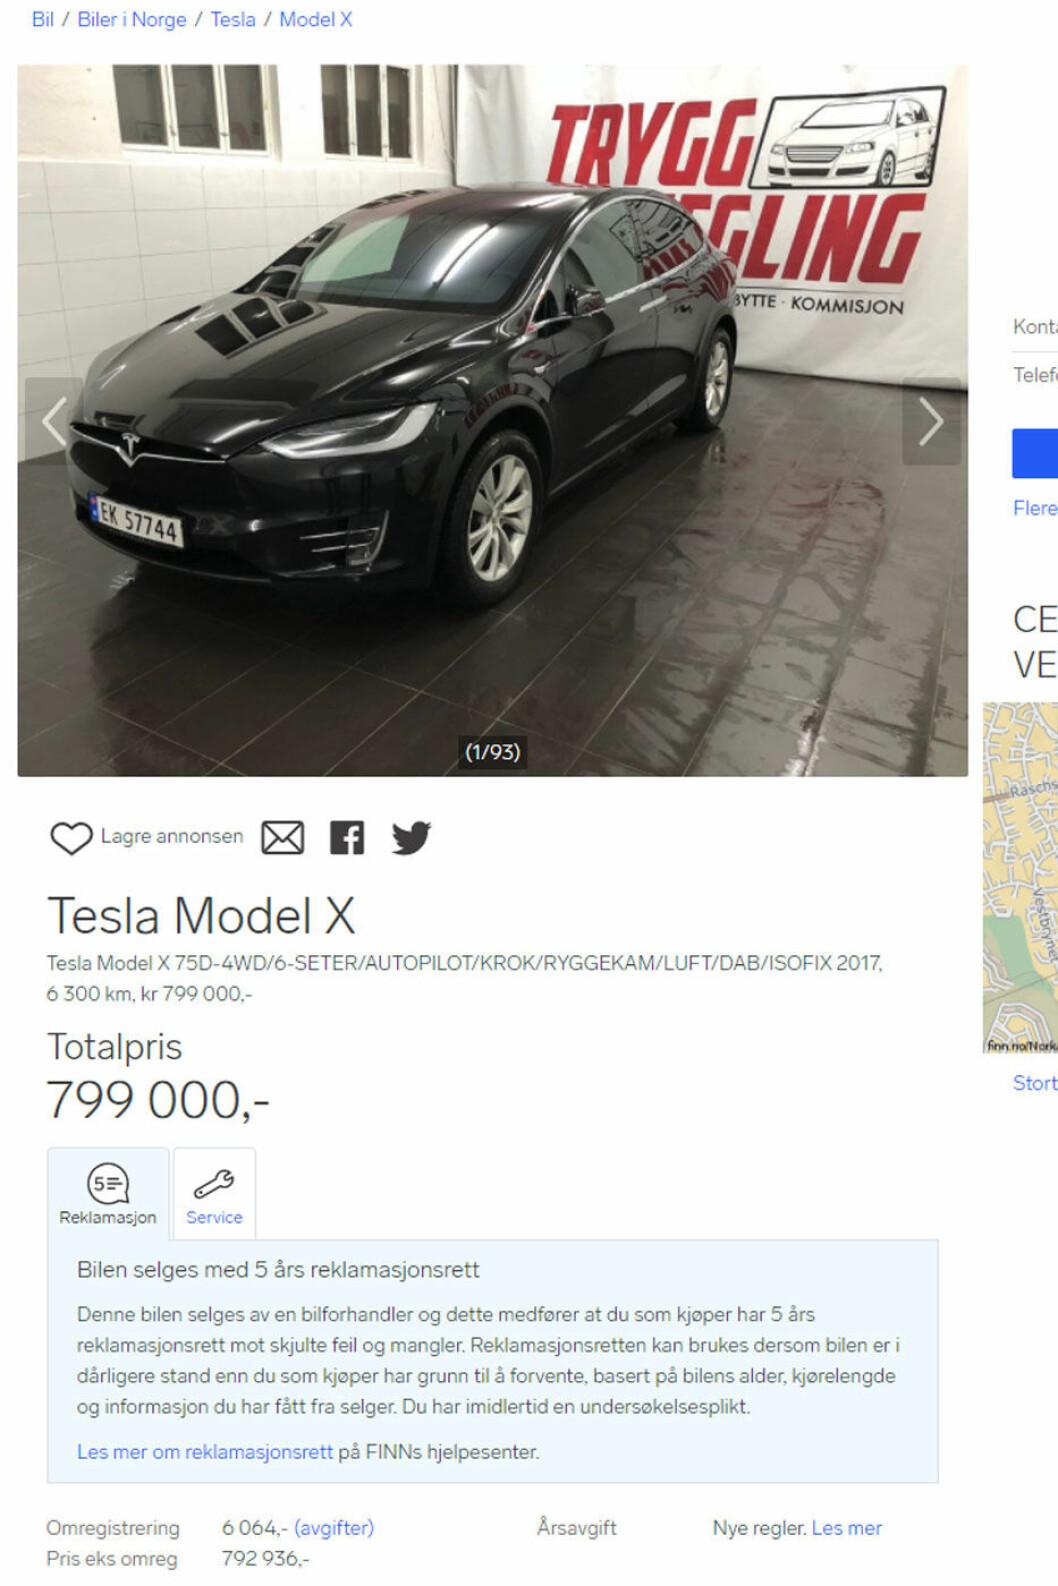 SLIPPER (IKKE) AVGIFT: Inntil videre må du betale omregistreringsavgift for elbiler. Dermed må du betale 799 000 kroner for denne Teslaen, og ikke 793 000 kroner – før eventuell pruting. (Faksimile av annonse fra Finn).